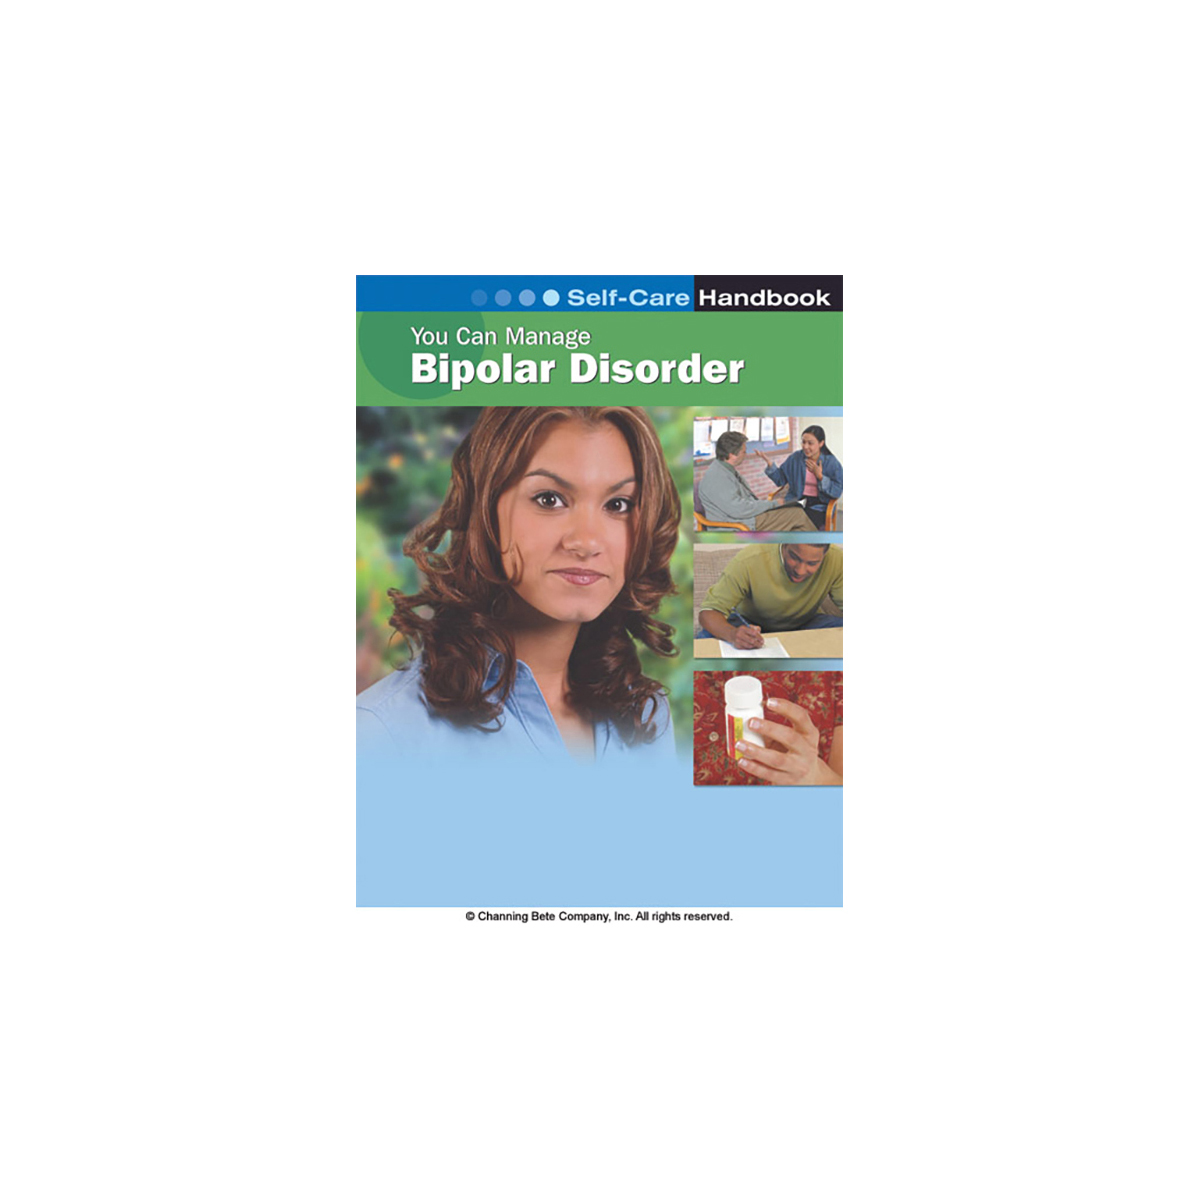 You Can Manage Bipolar Disorder A Self Care Handbook